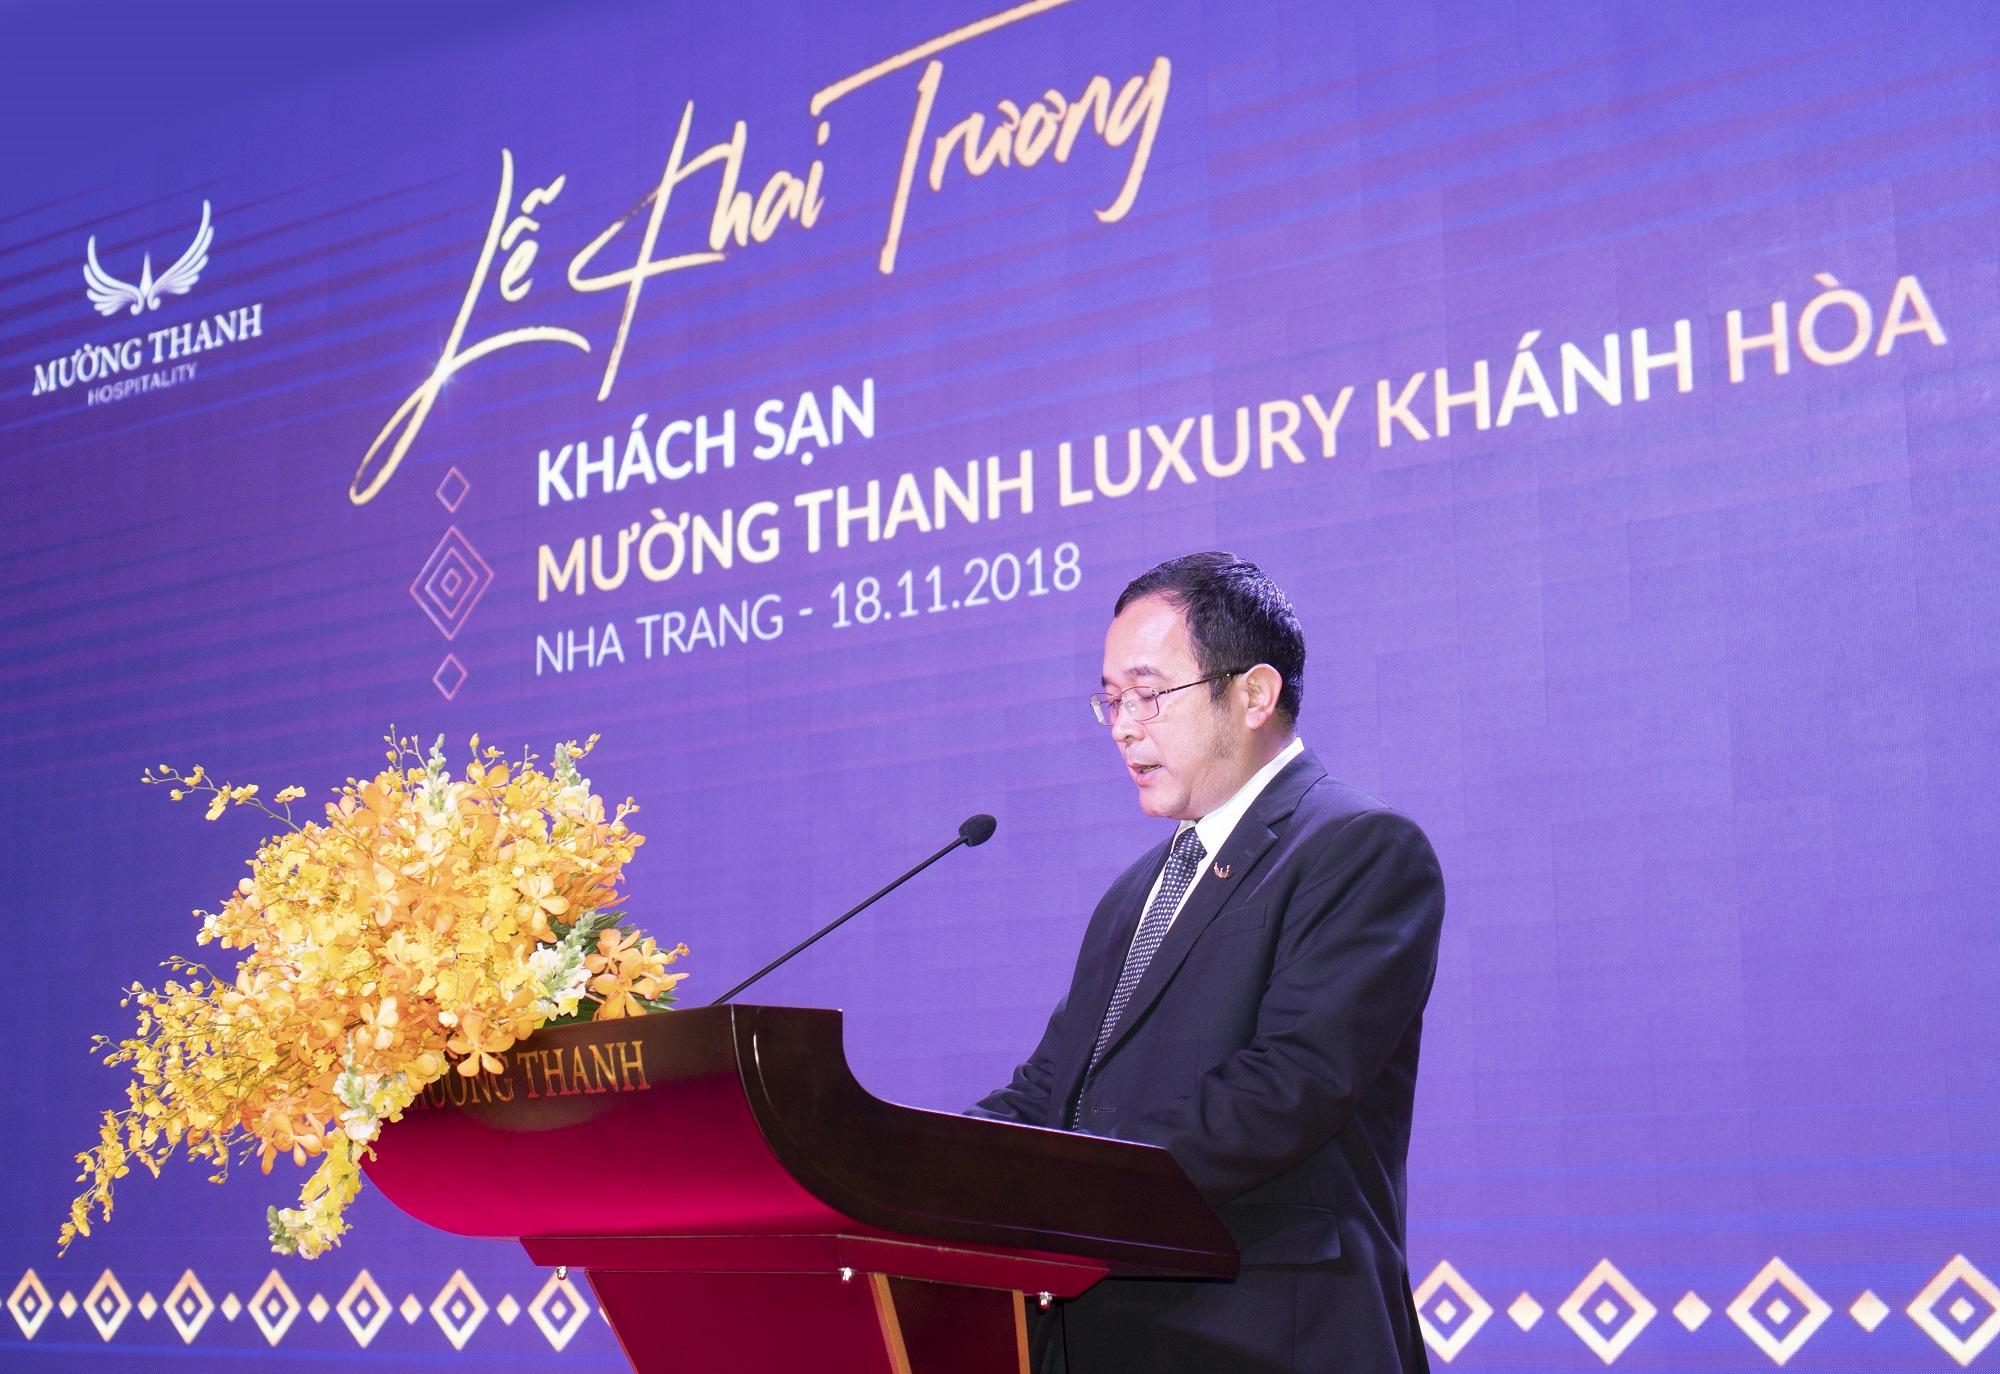 Khai trương khách sạn Mường Thanh Luxury Khánh Hòa 2